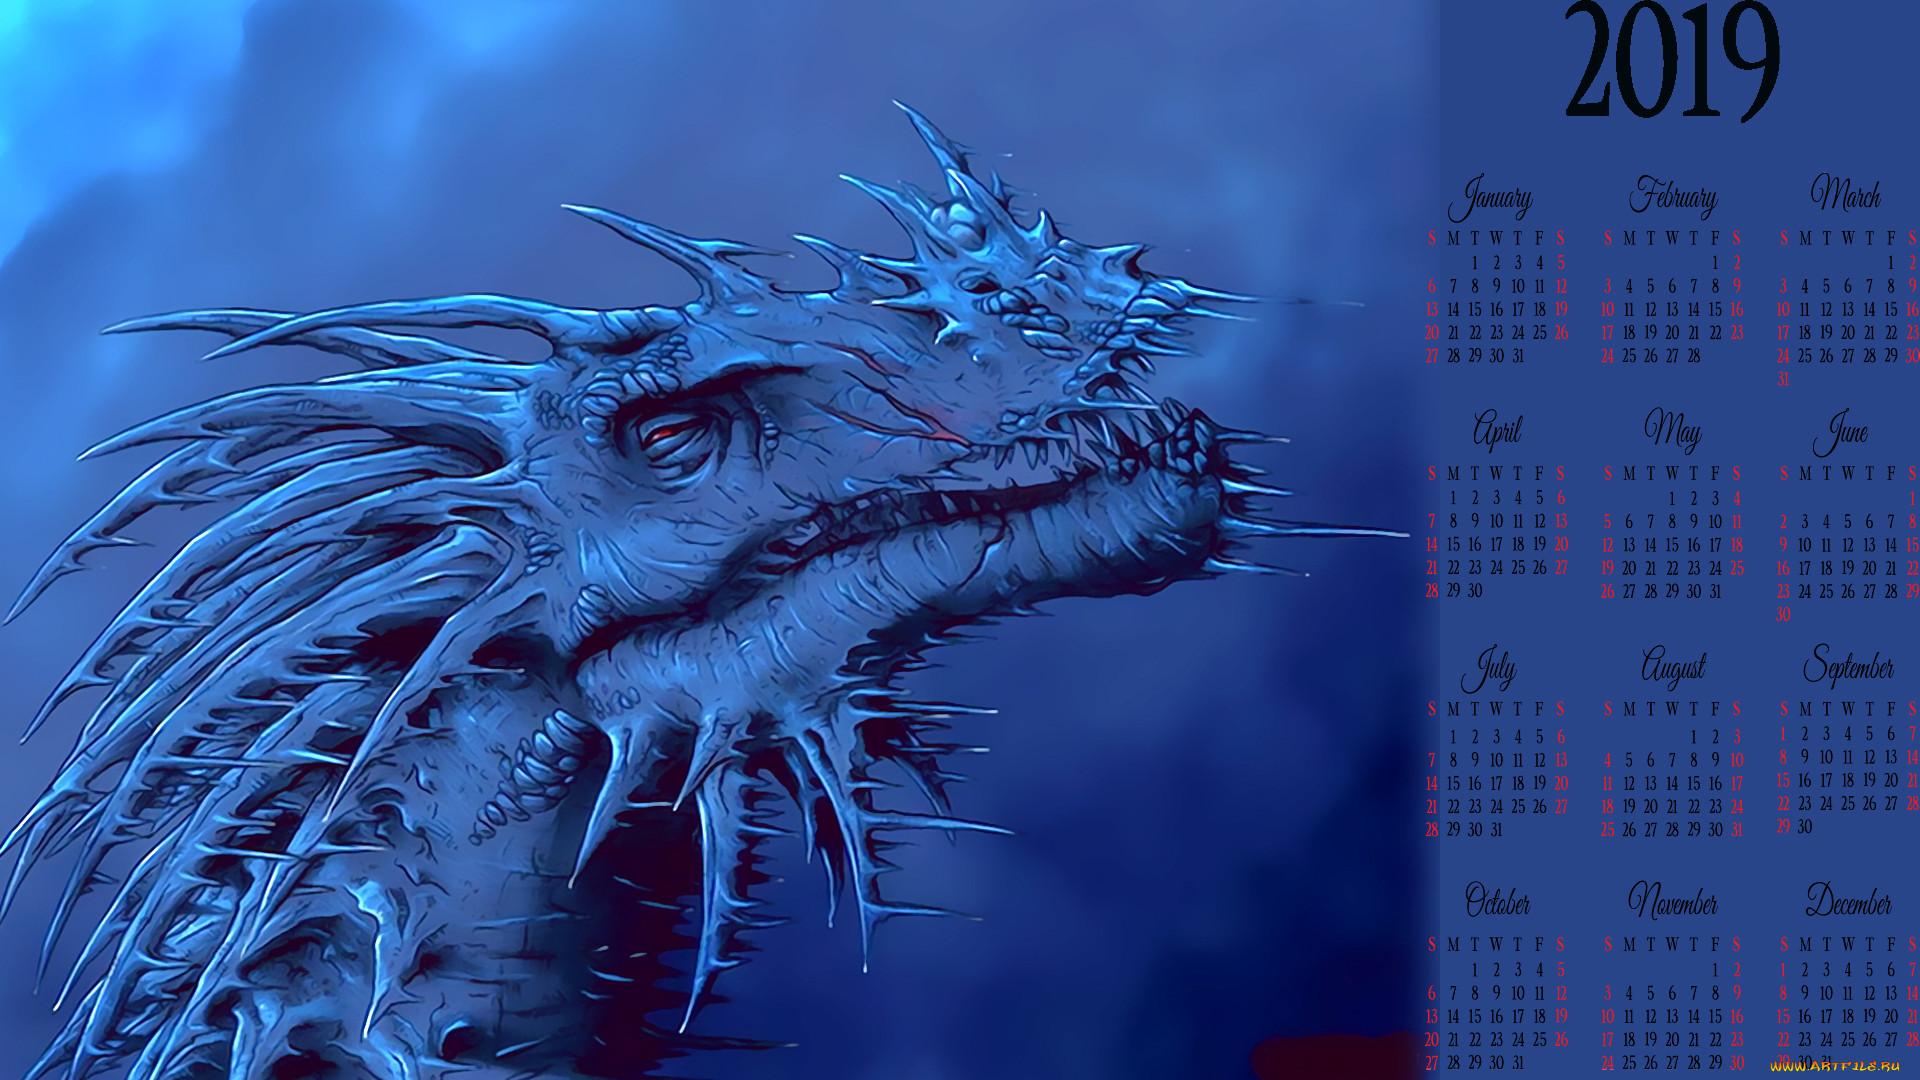 словам, картинки для календаря дракон мне